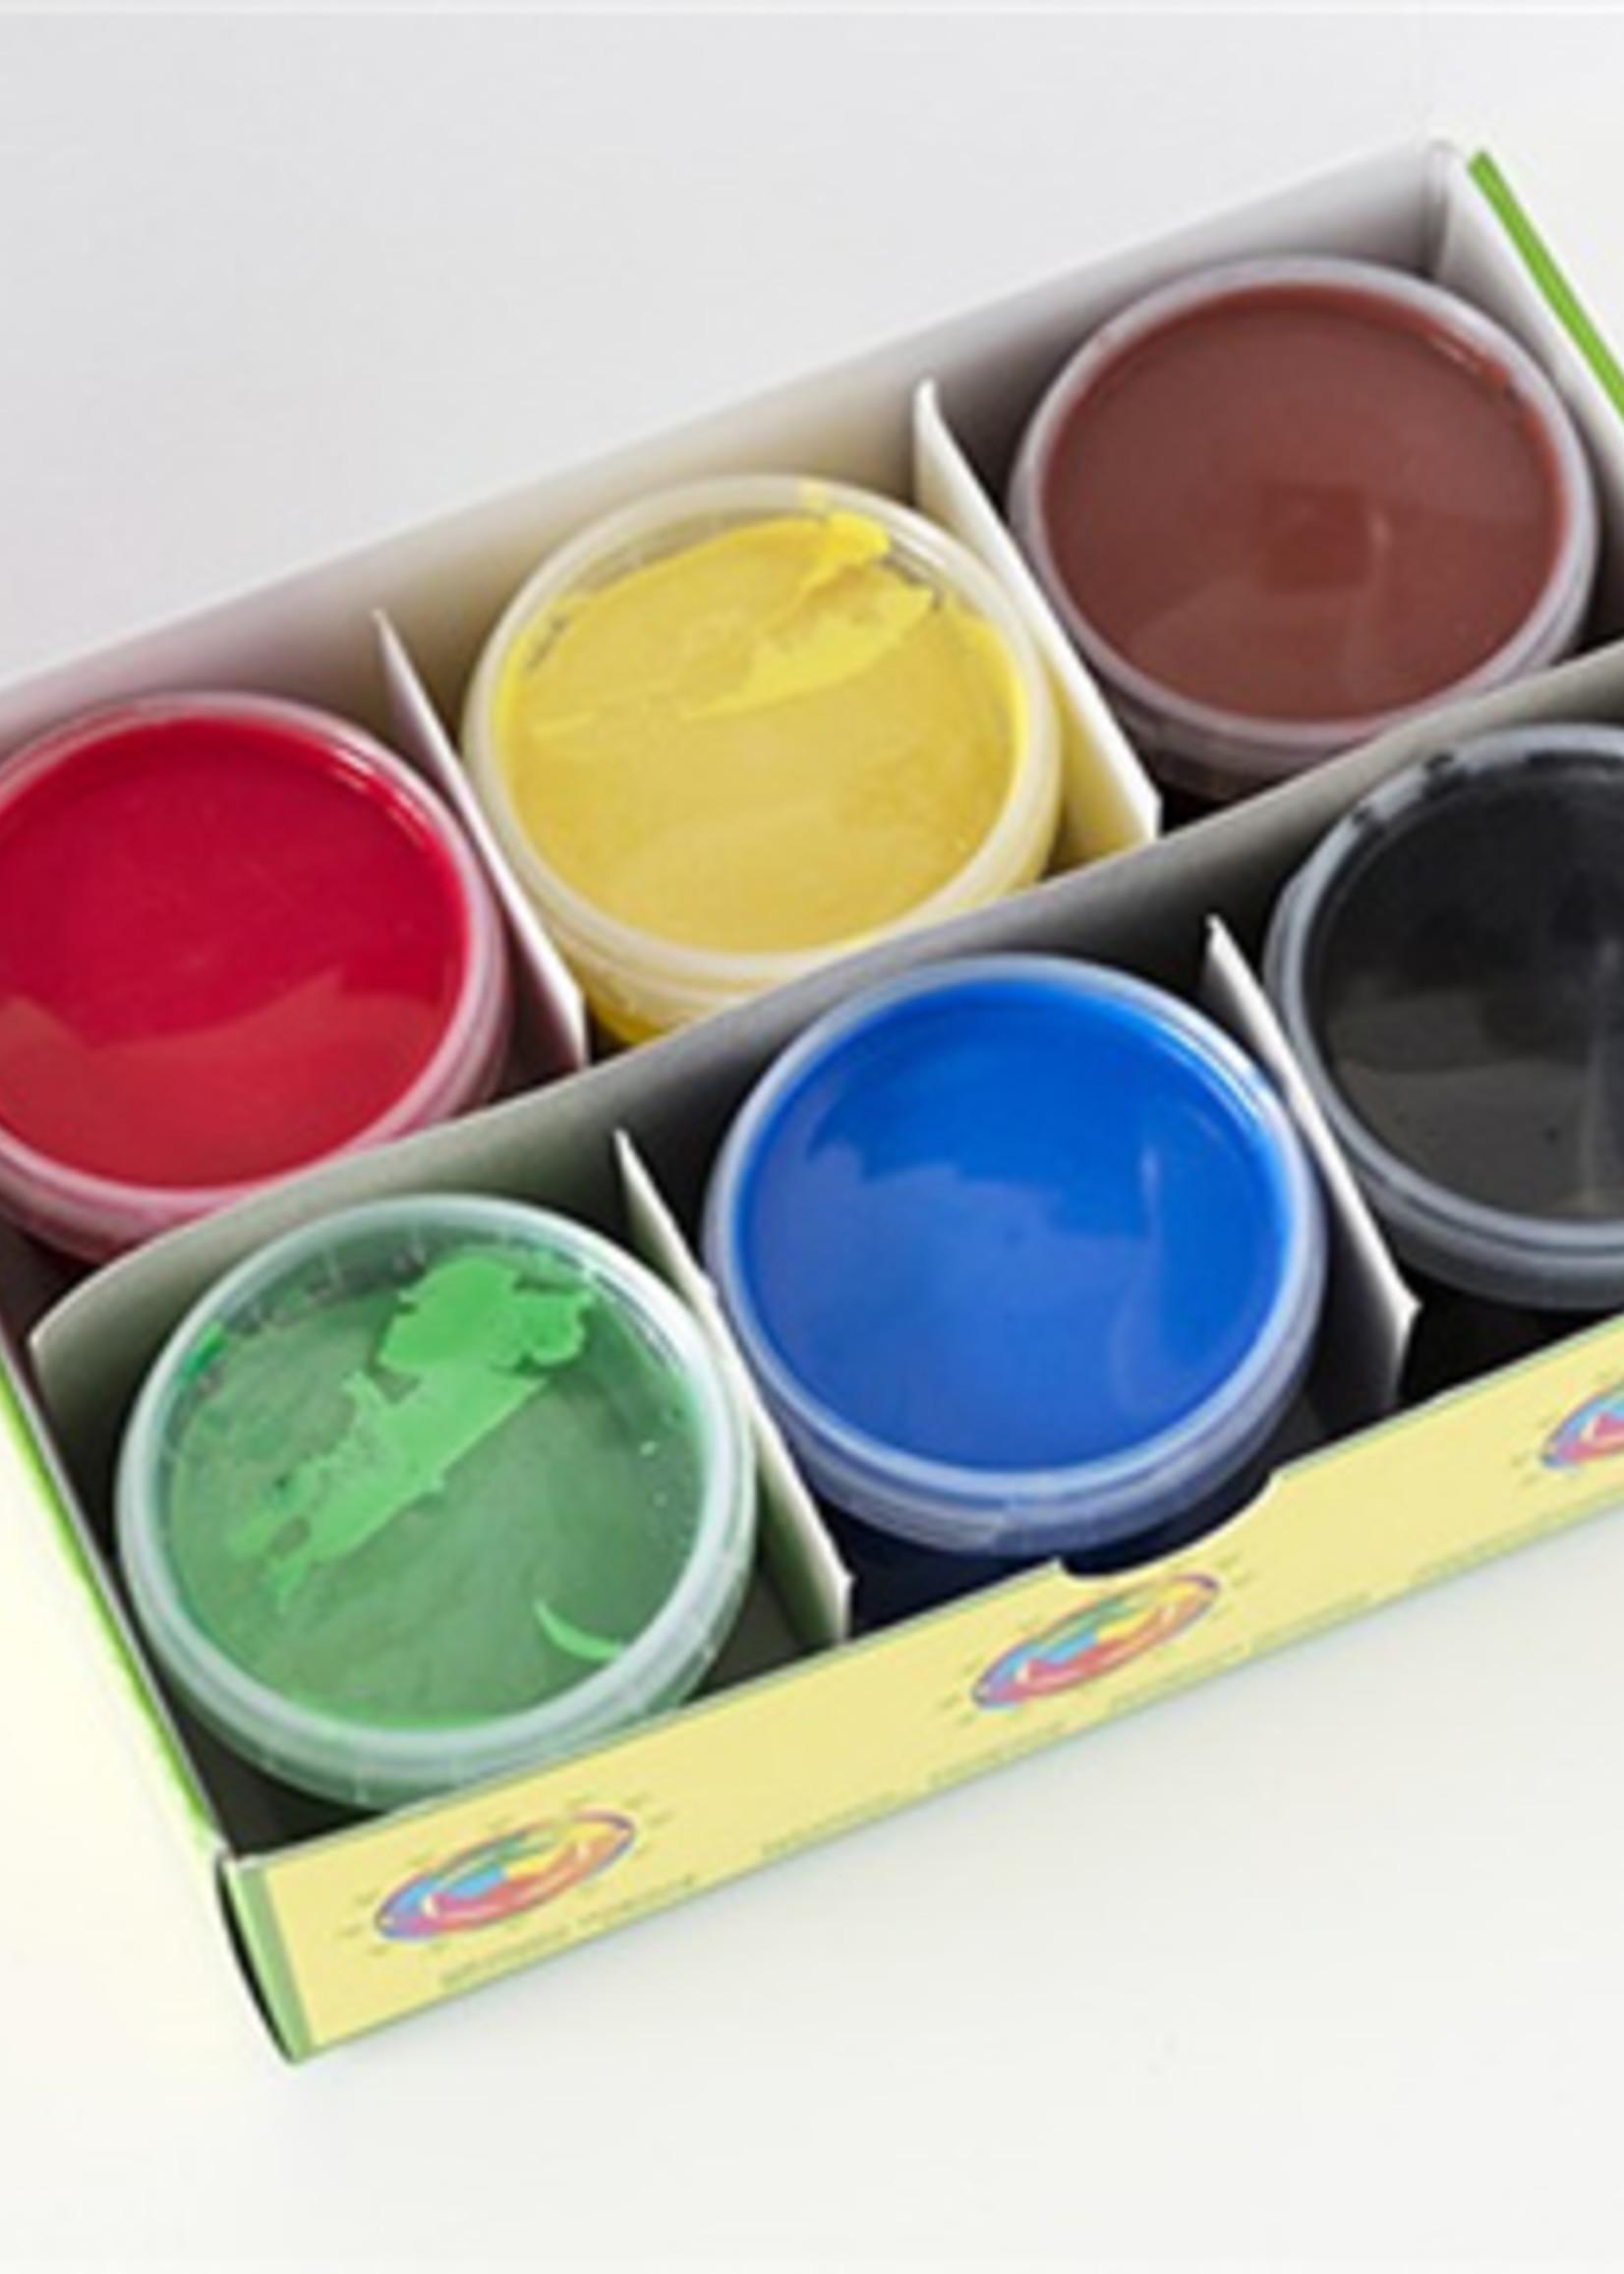 Oekonorm Vingerverf - Classic (geel, groen, rood, blauw, bruin, zwart)